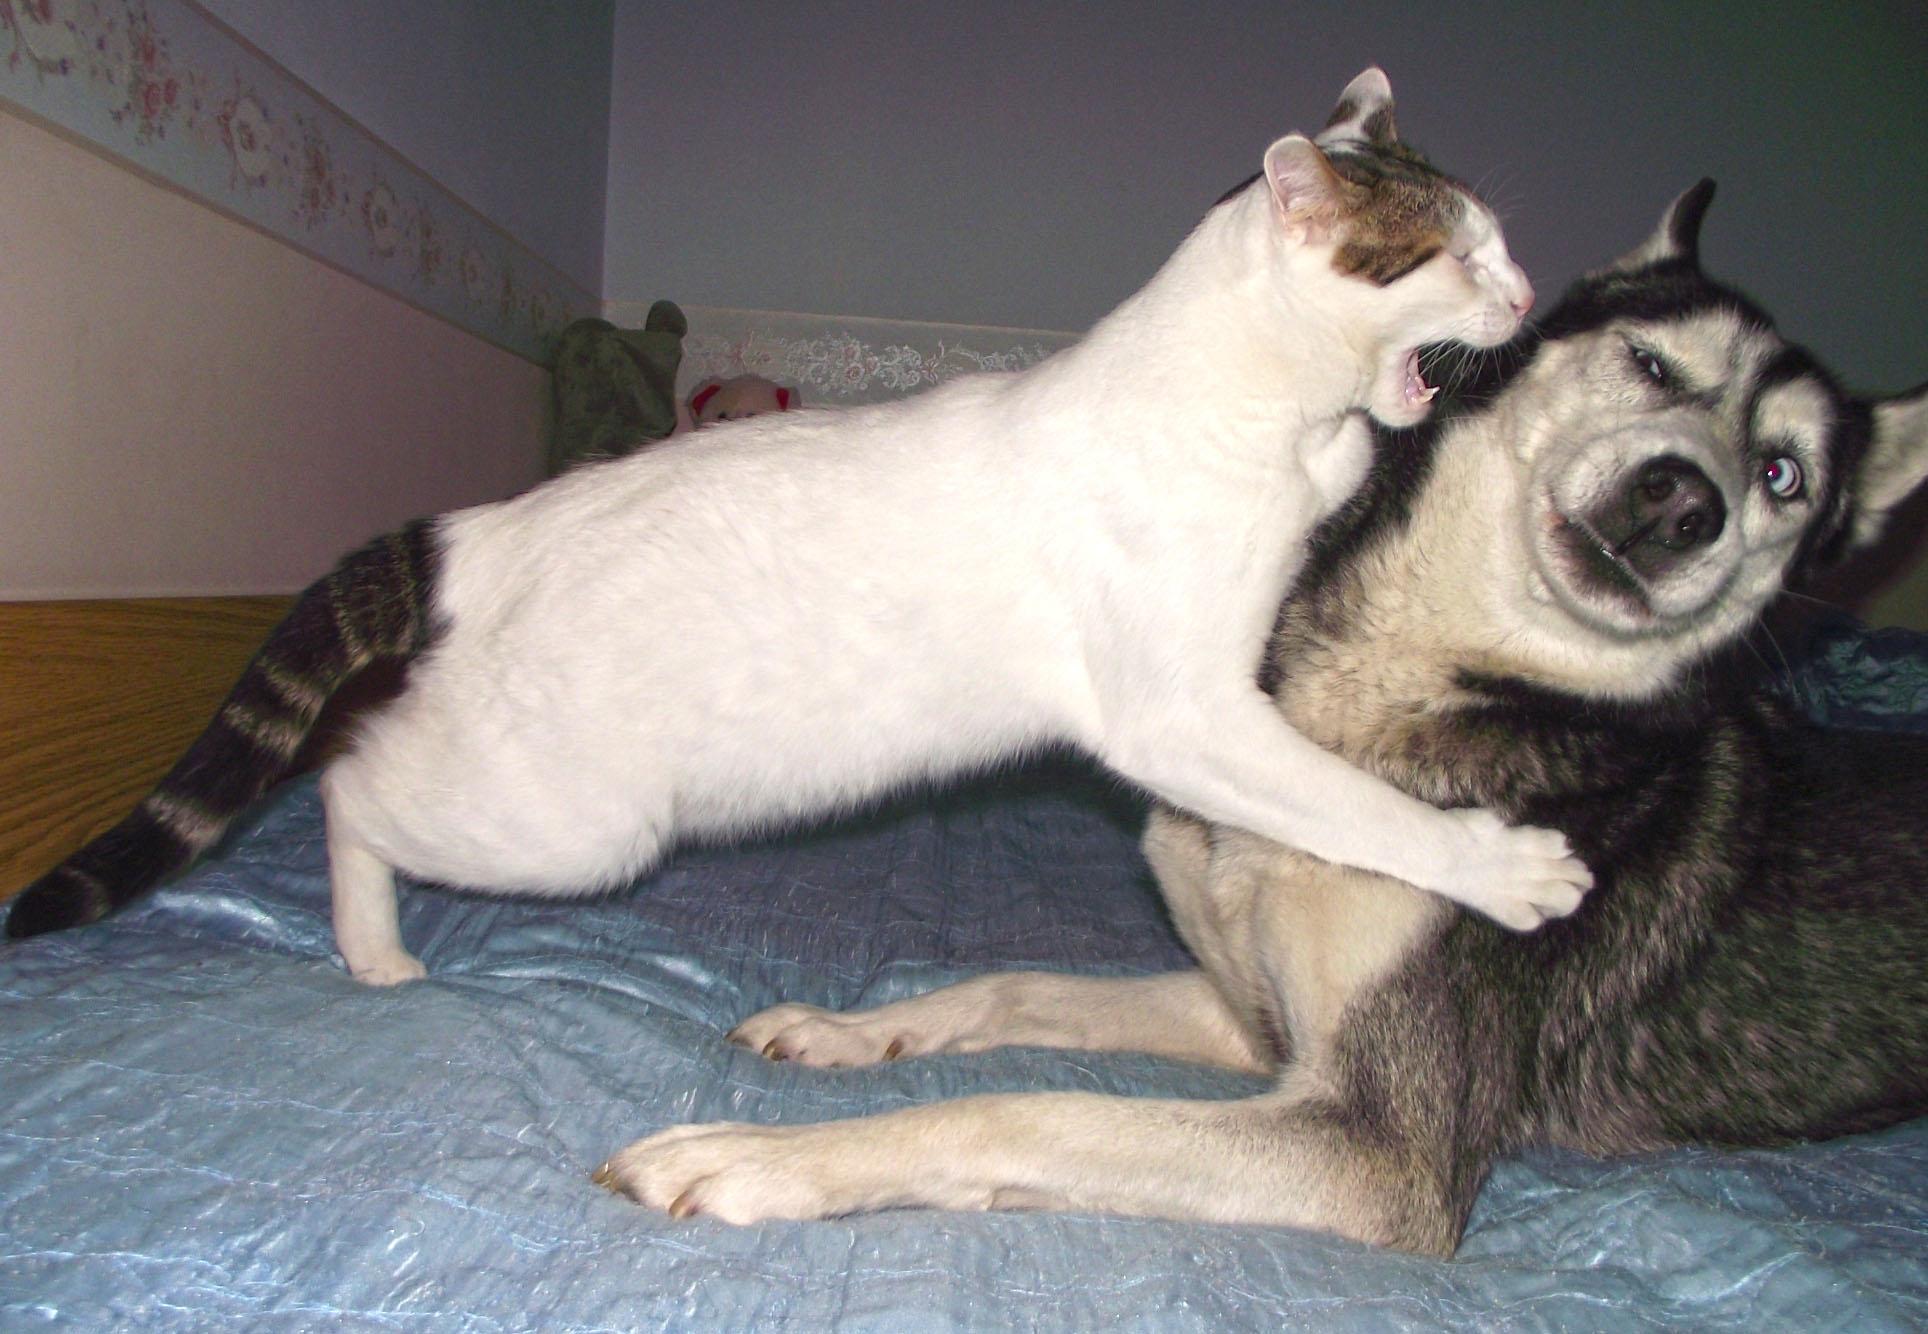 Встречу, смешные фотки про собак и кошек